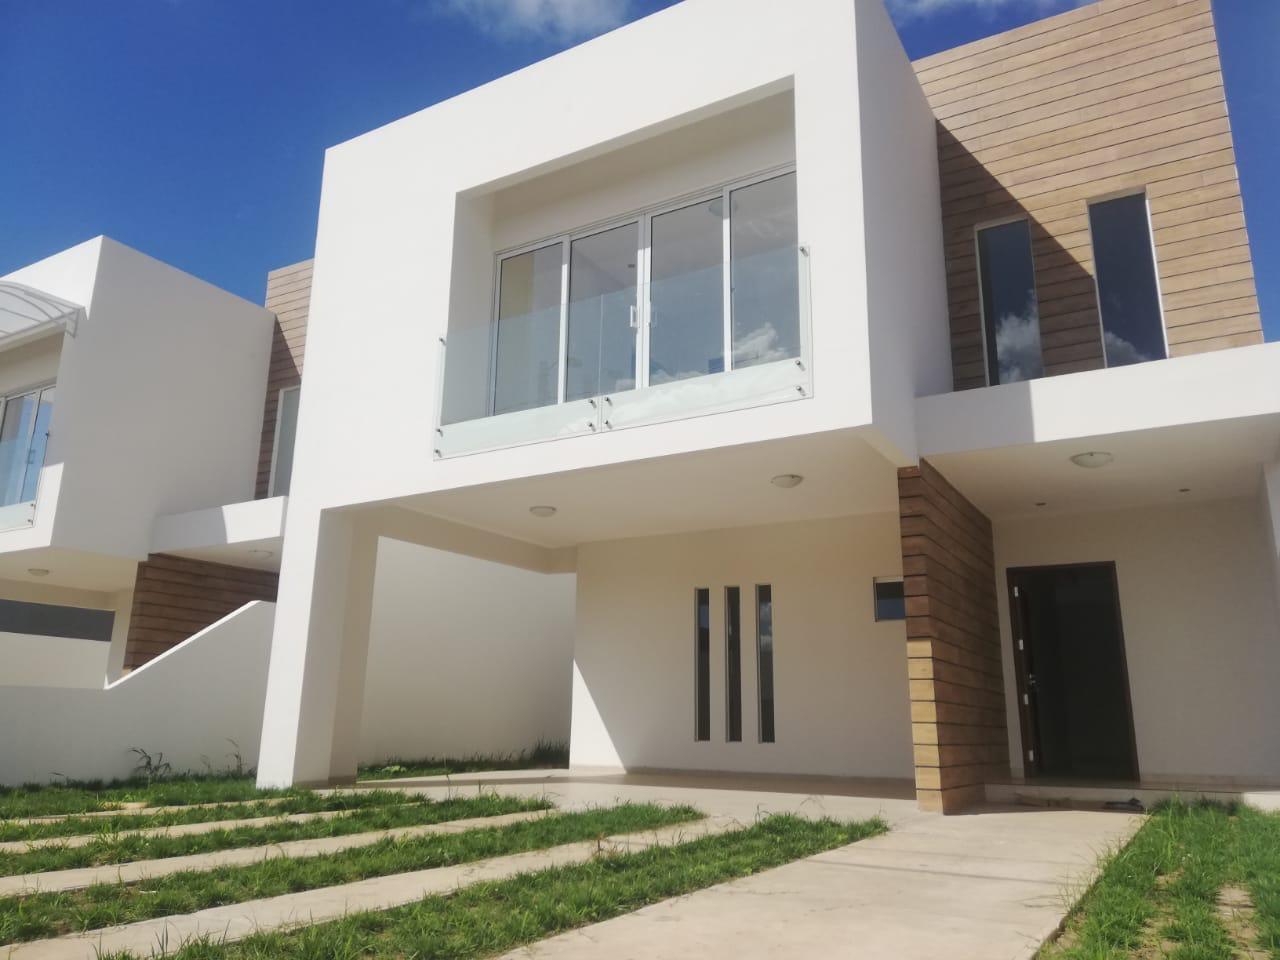 Casa en Venta Carretera a cotoca 8tvo anillo entrando por la casona Foto 8